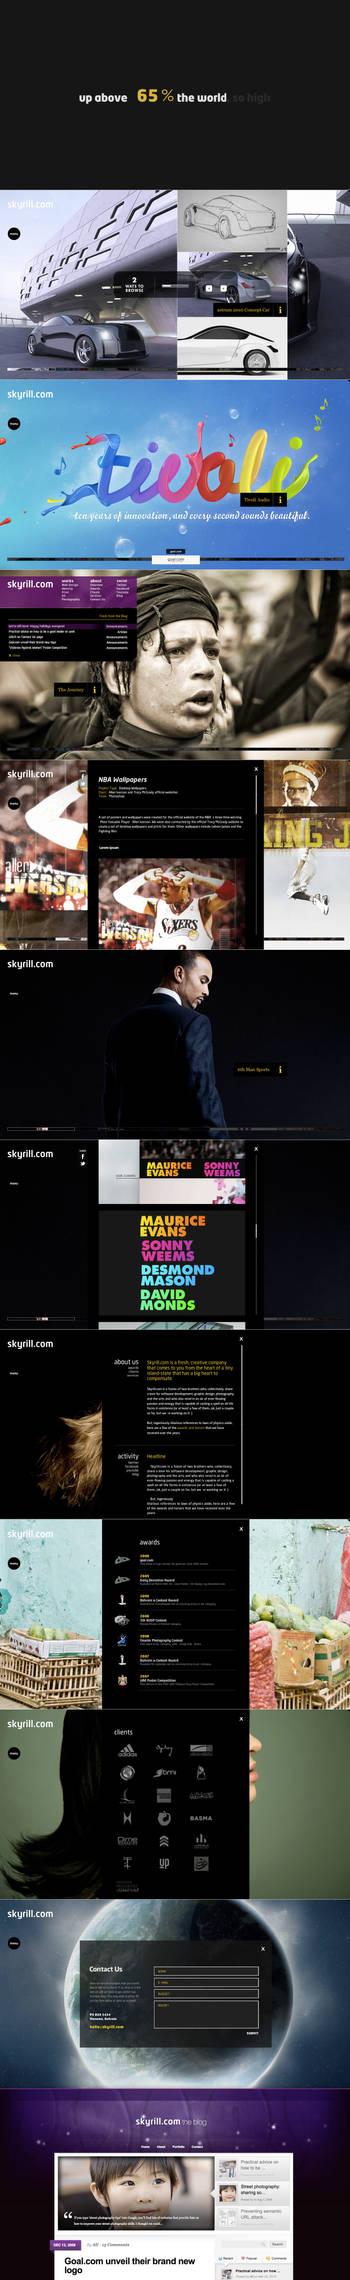 Skyrill.com V3 by skyrill